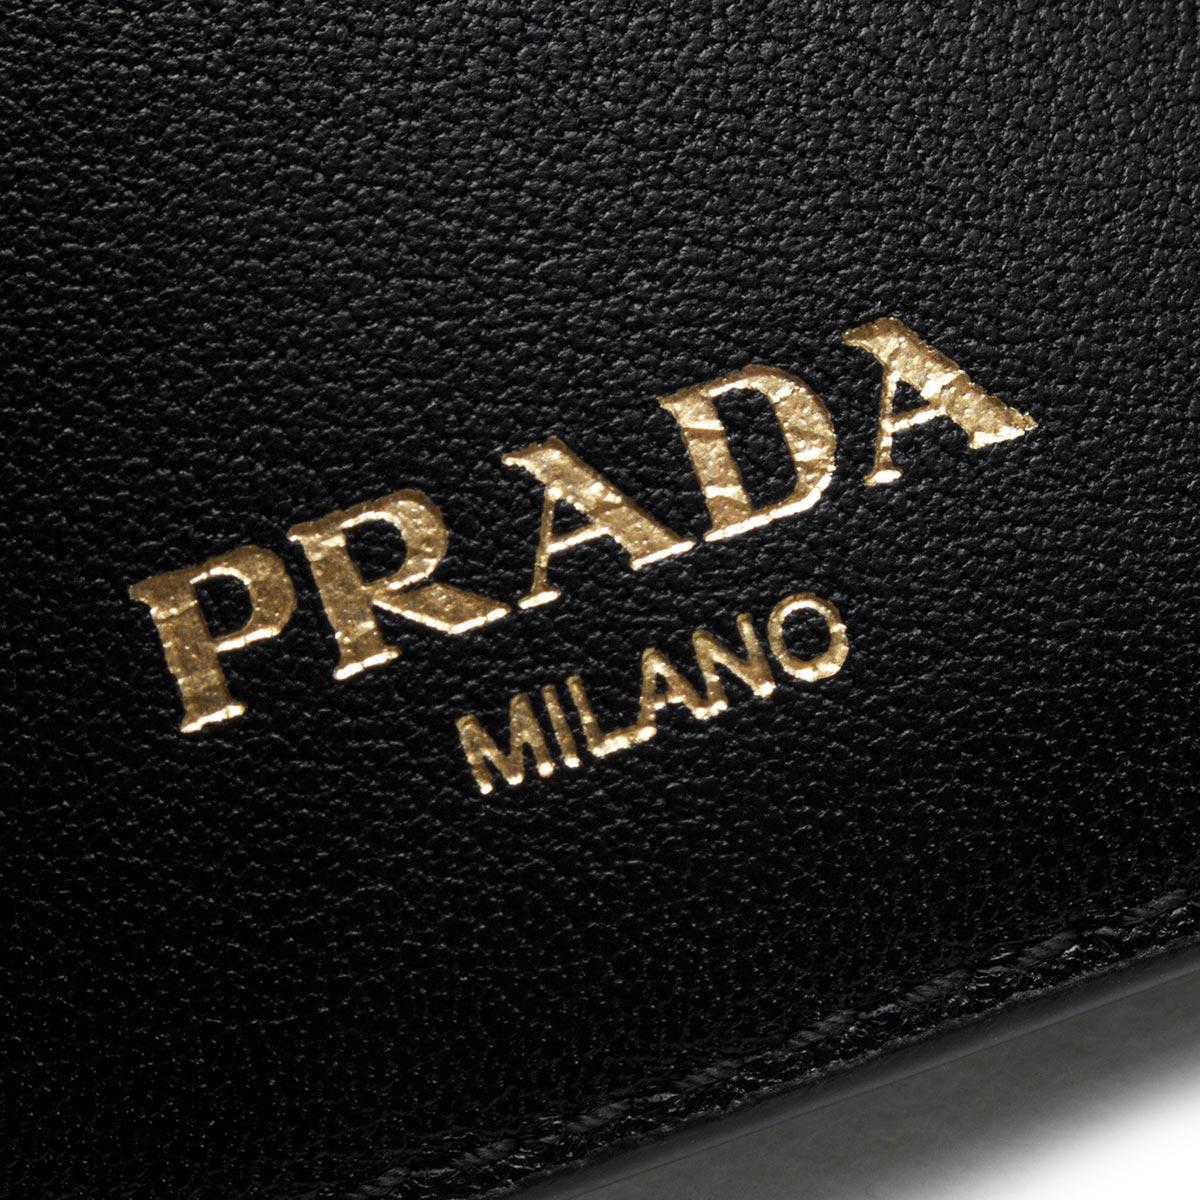 プラダ 三つ折り財布/ミニ財布 財布 レディース ヴィッテロ ムーヴ ブラック 1MH021 2EZZ F0002 PRADA